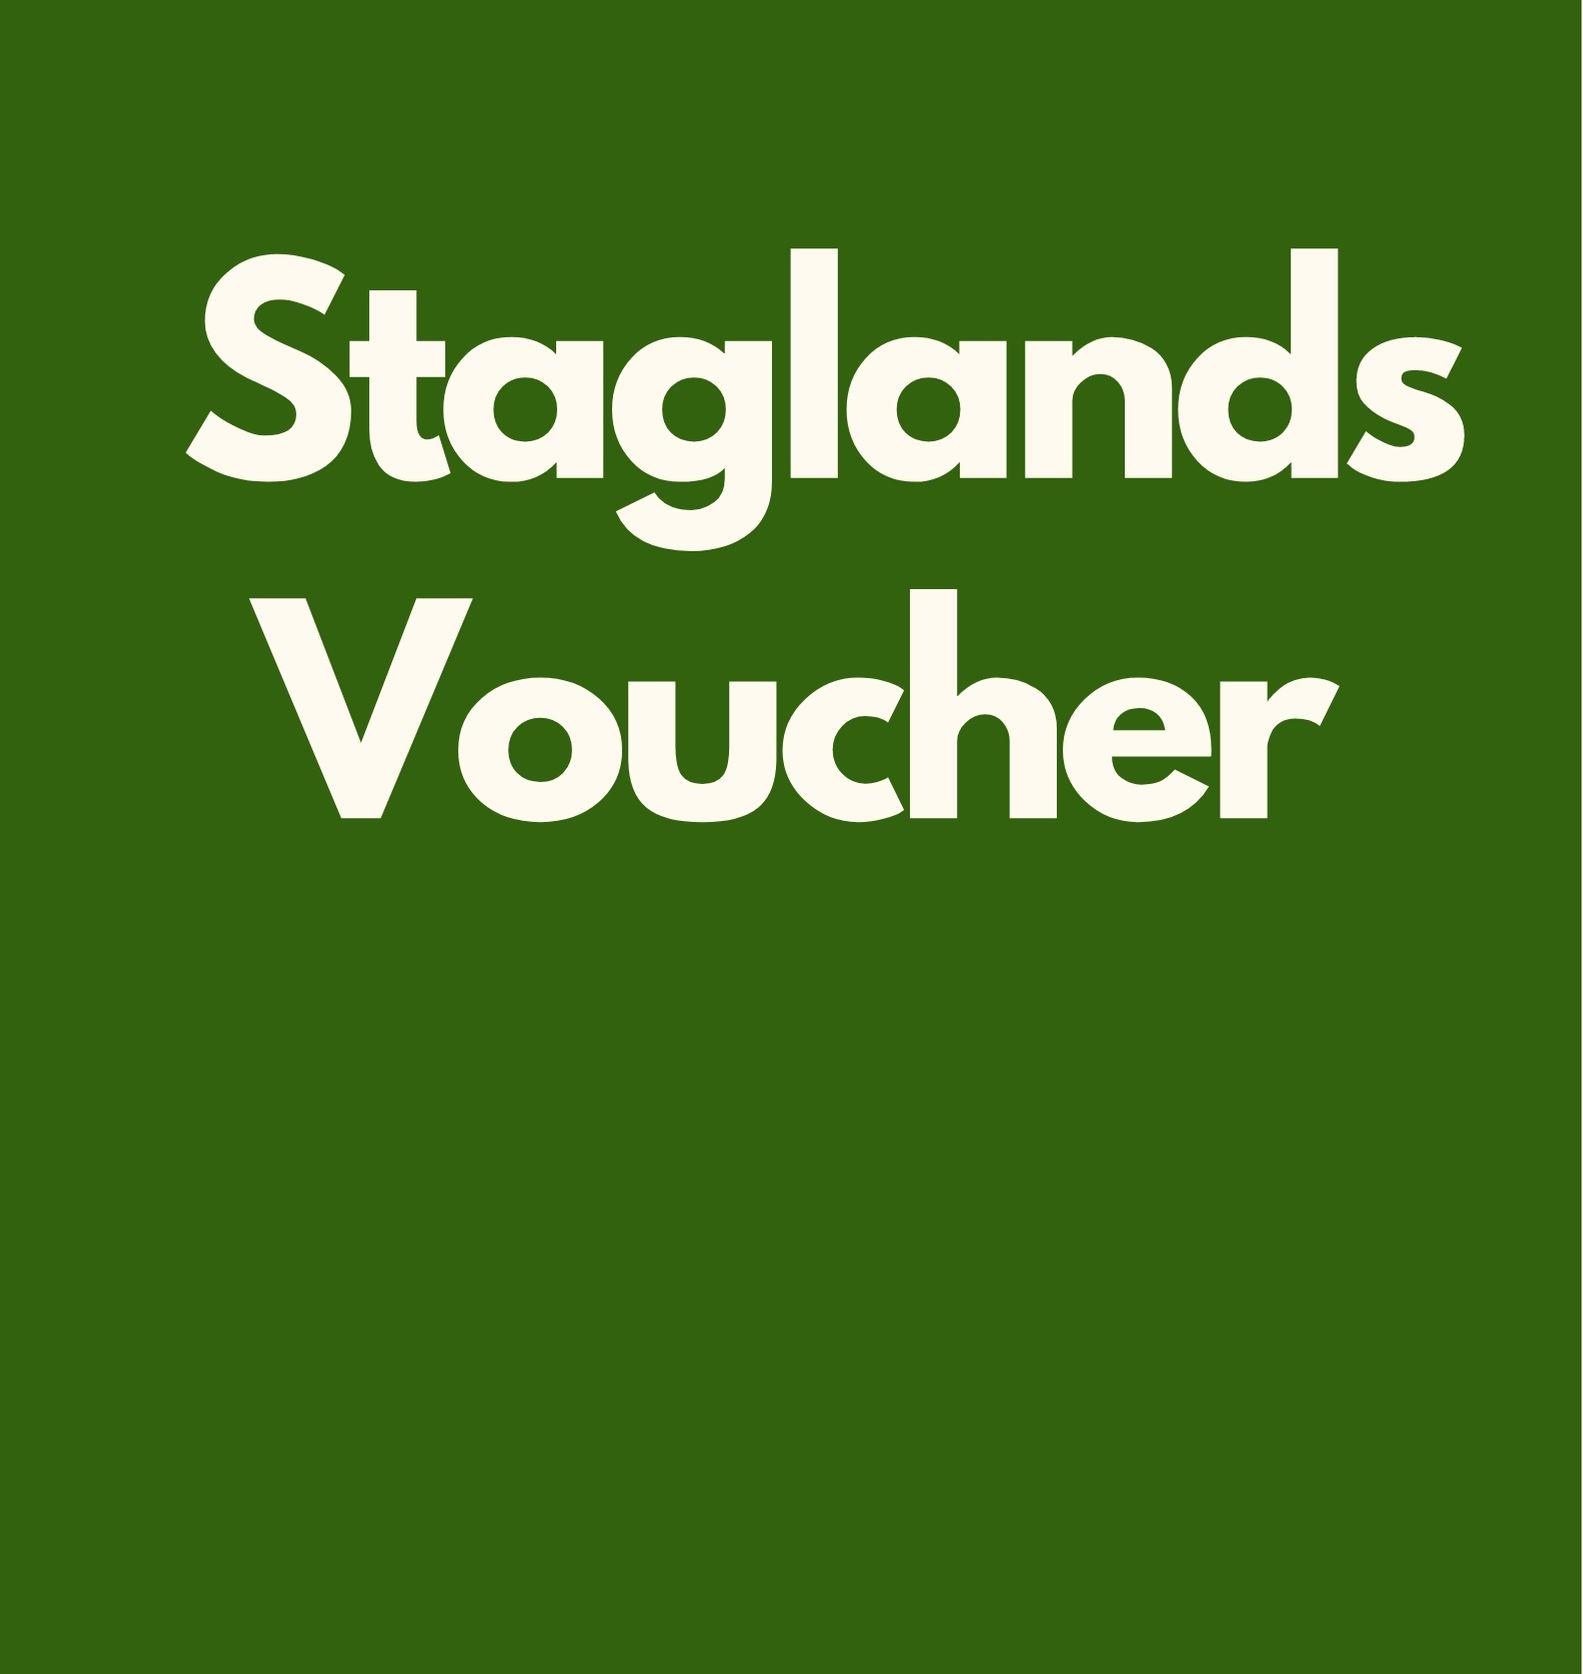 Staglands Voucher